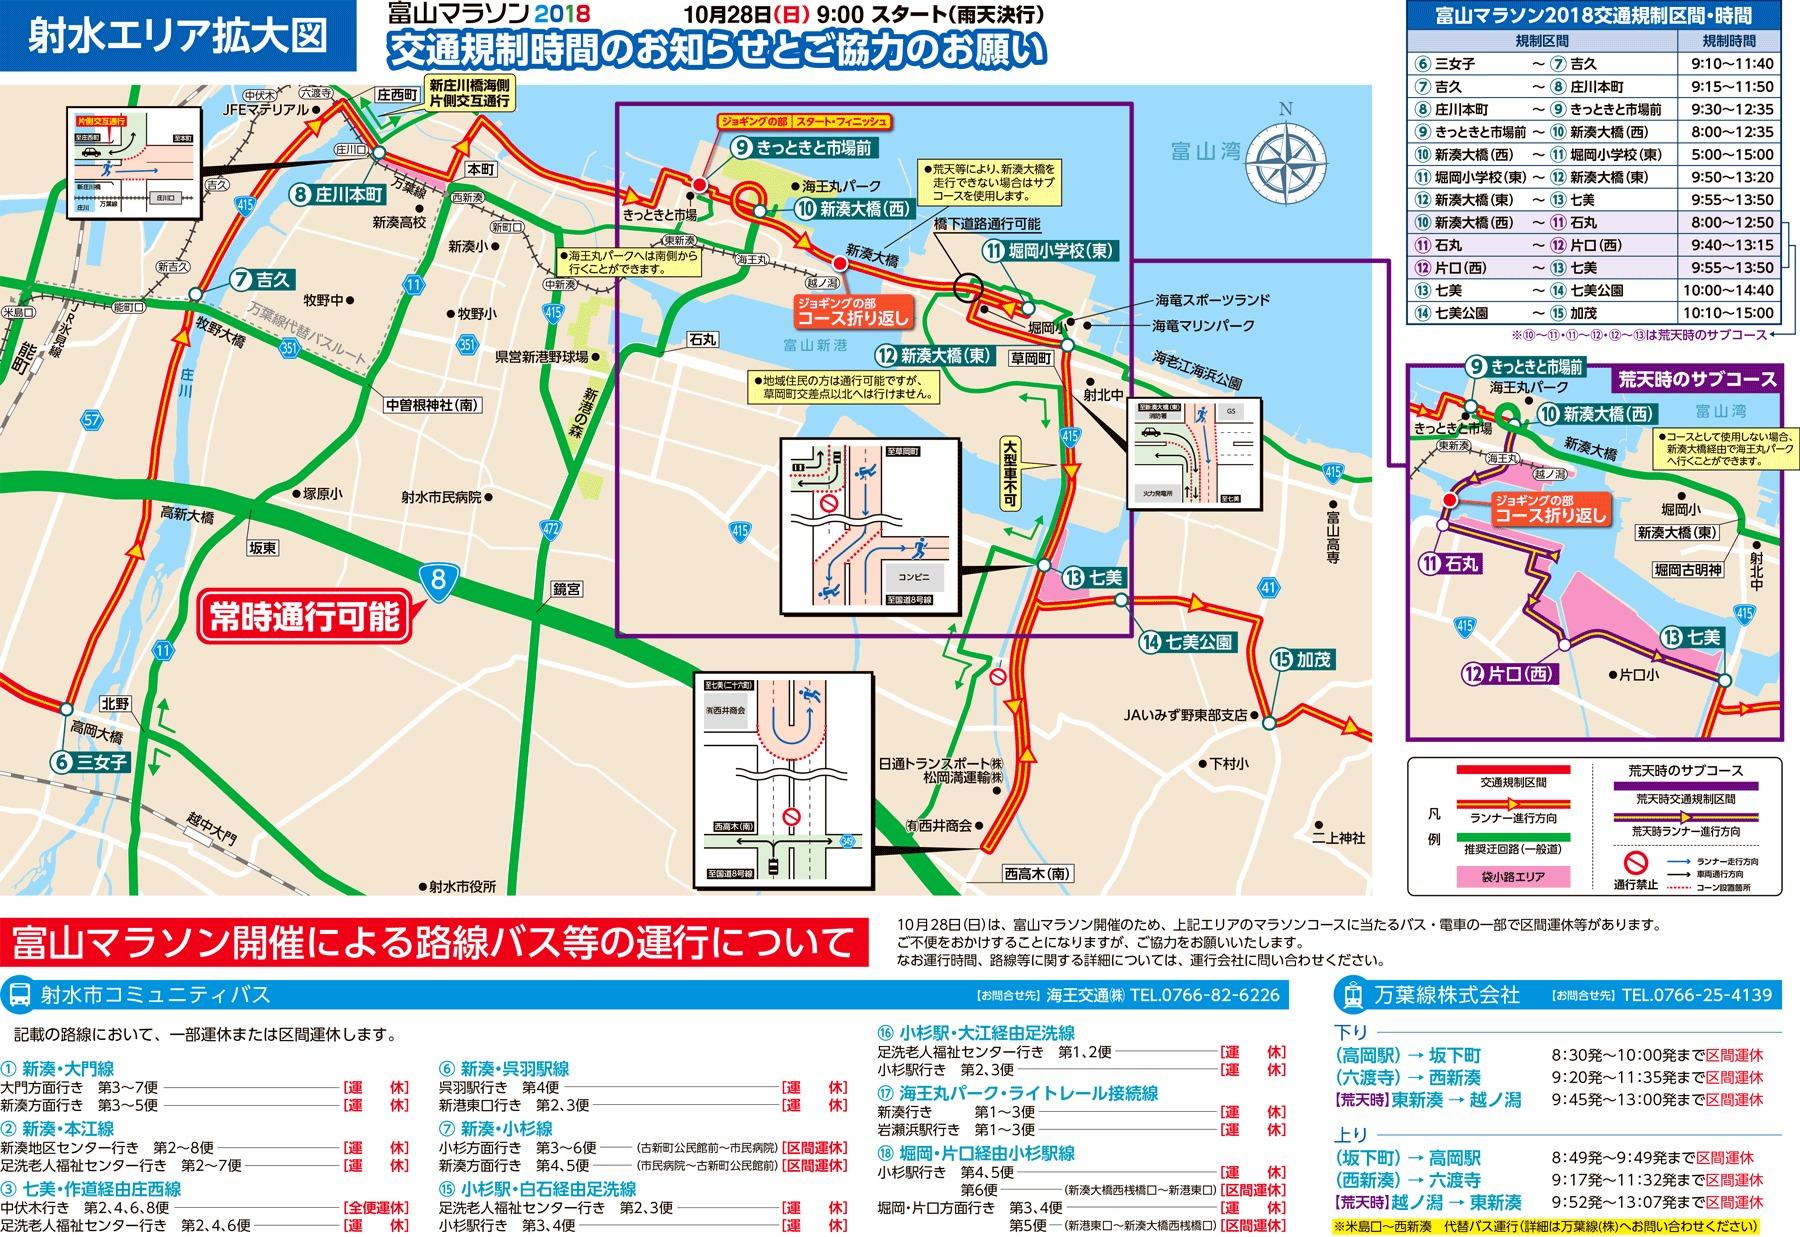 富山マラソン2018交通規制マップ(射水エリア拡大)